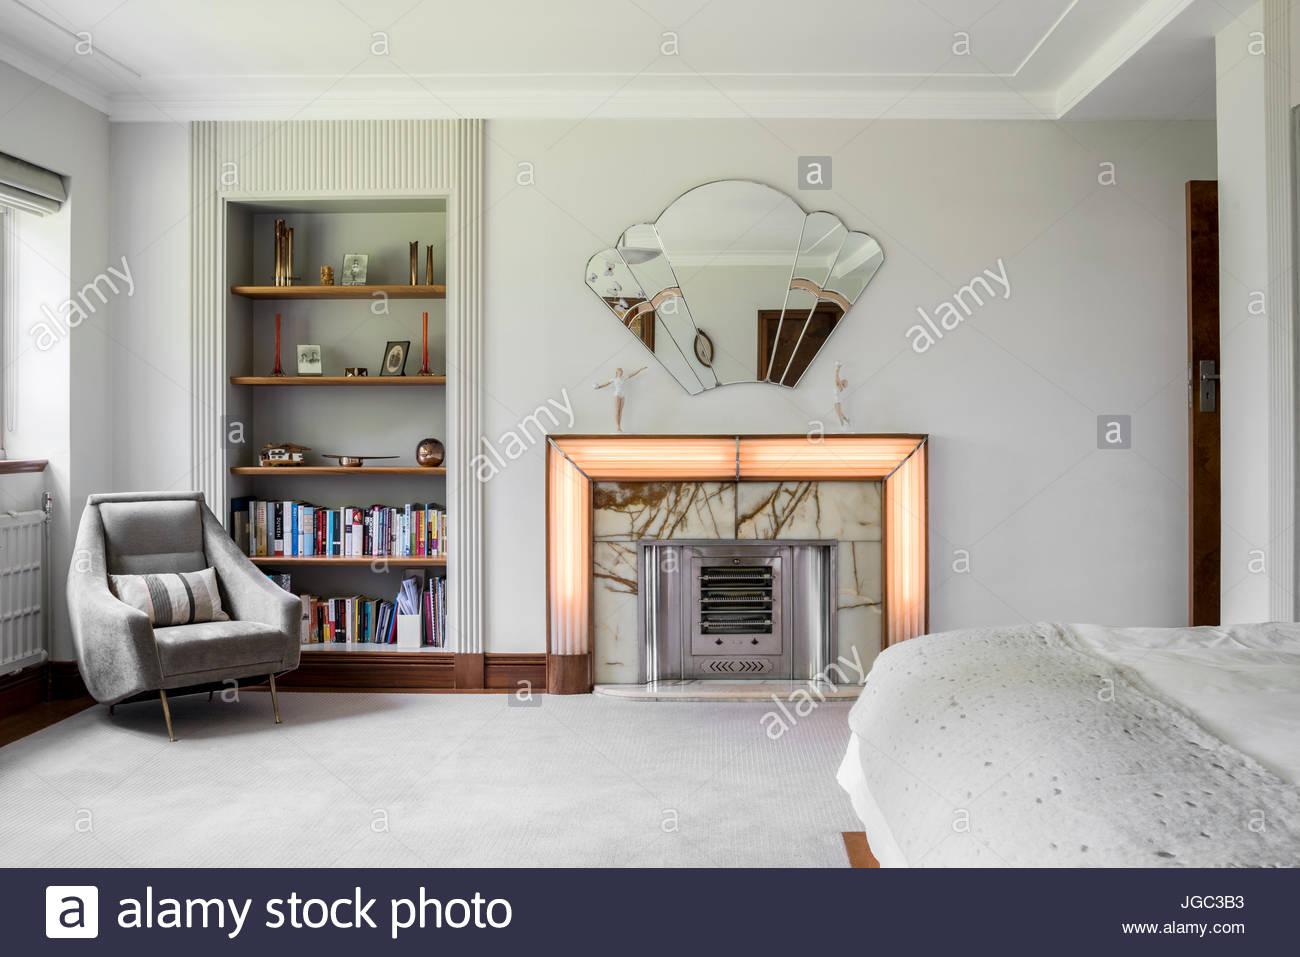 Fauteuil gris clair et des étagères à côté cheminée Art déco et ...